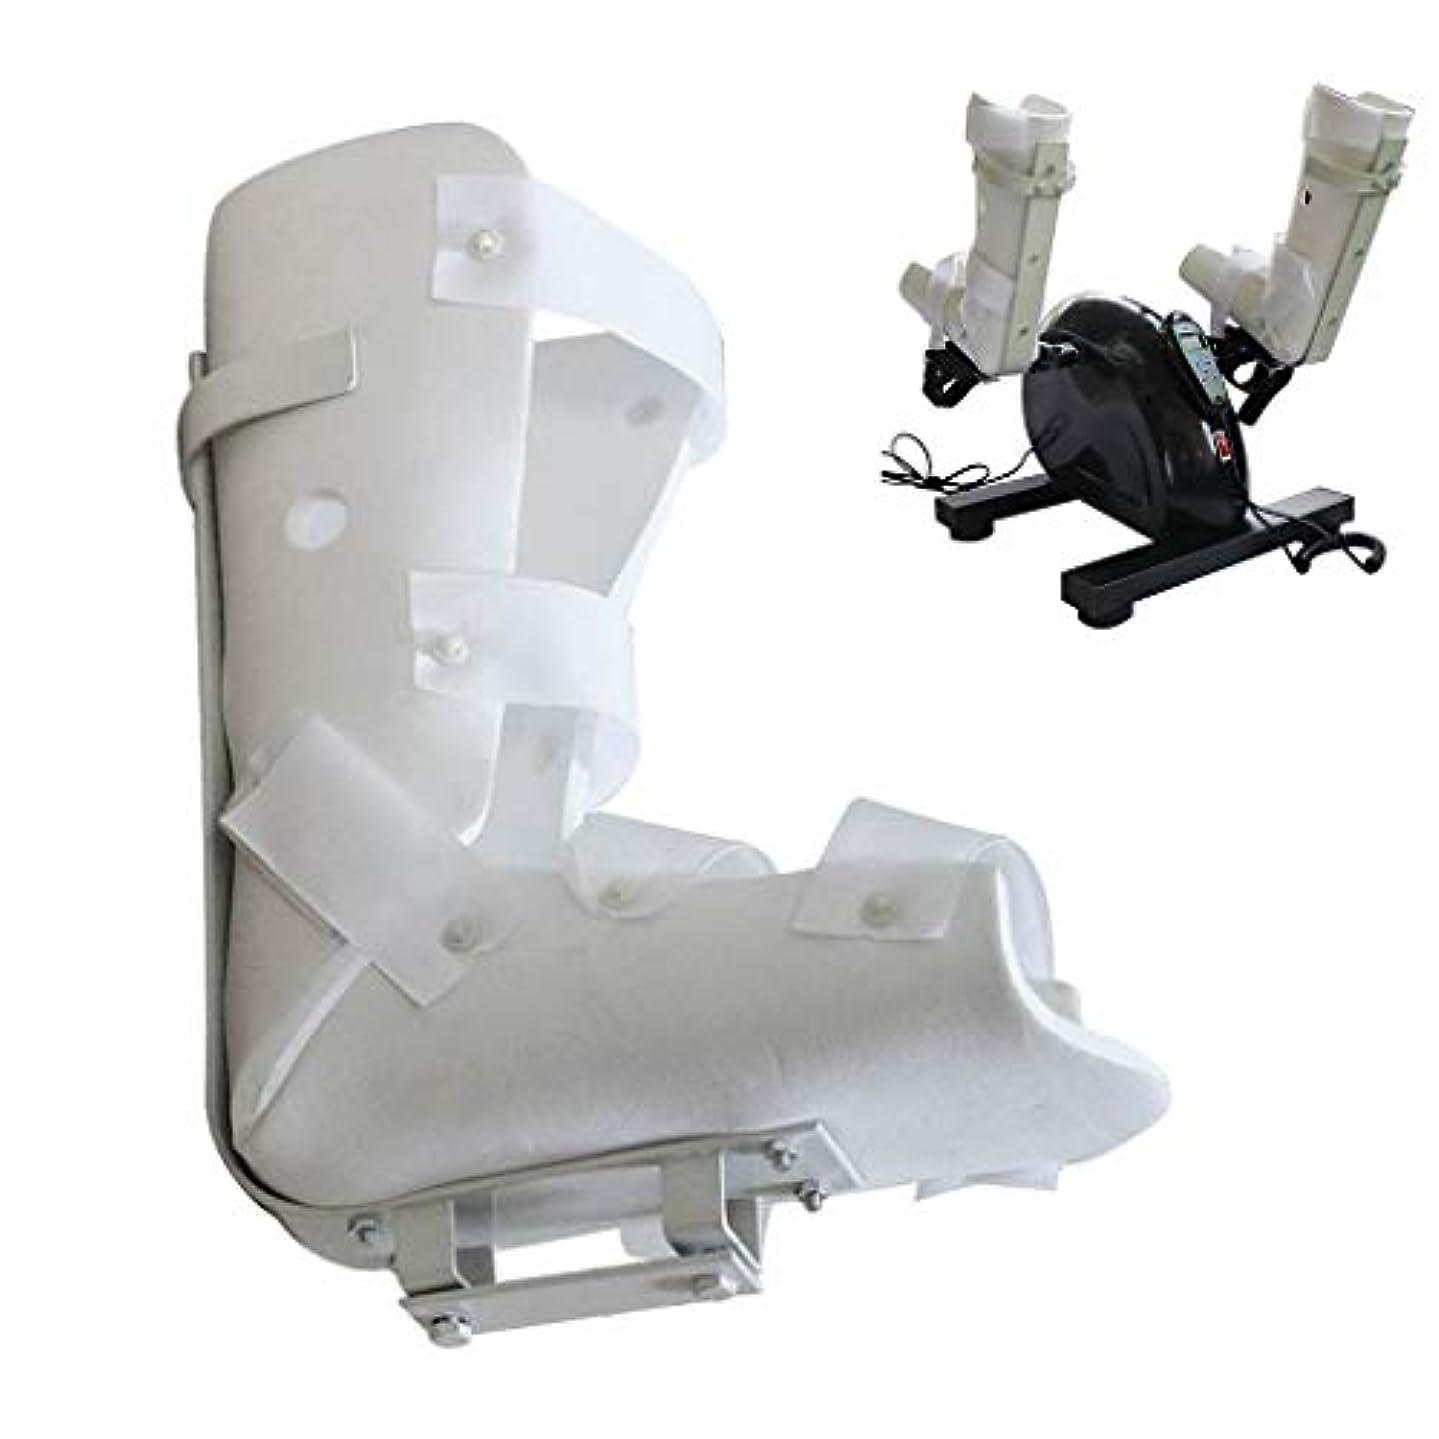 郵便番号下に向けます世界電子理学療法コンフォートソフトスプリント、ハンディキャップ障害者および脳卒中サバイバー、1ペア用のリハビリバイクペダル電動トレーナーの脚サポート